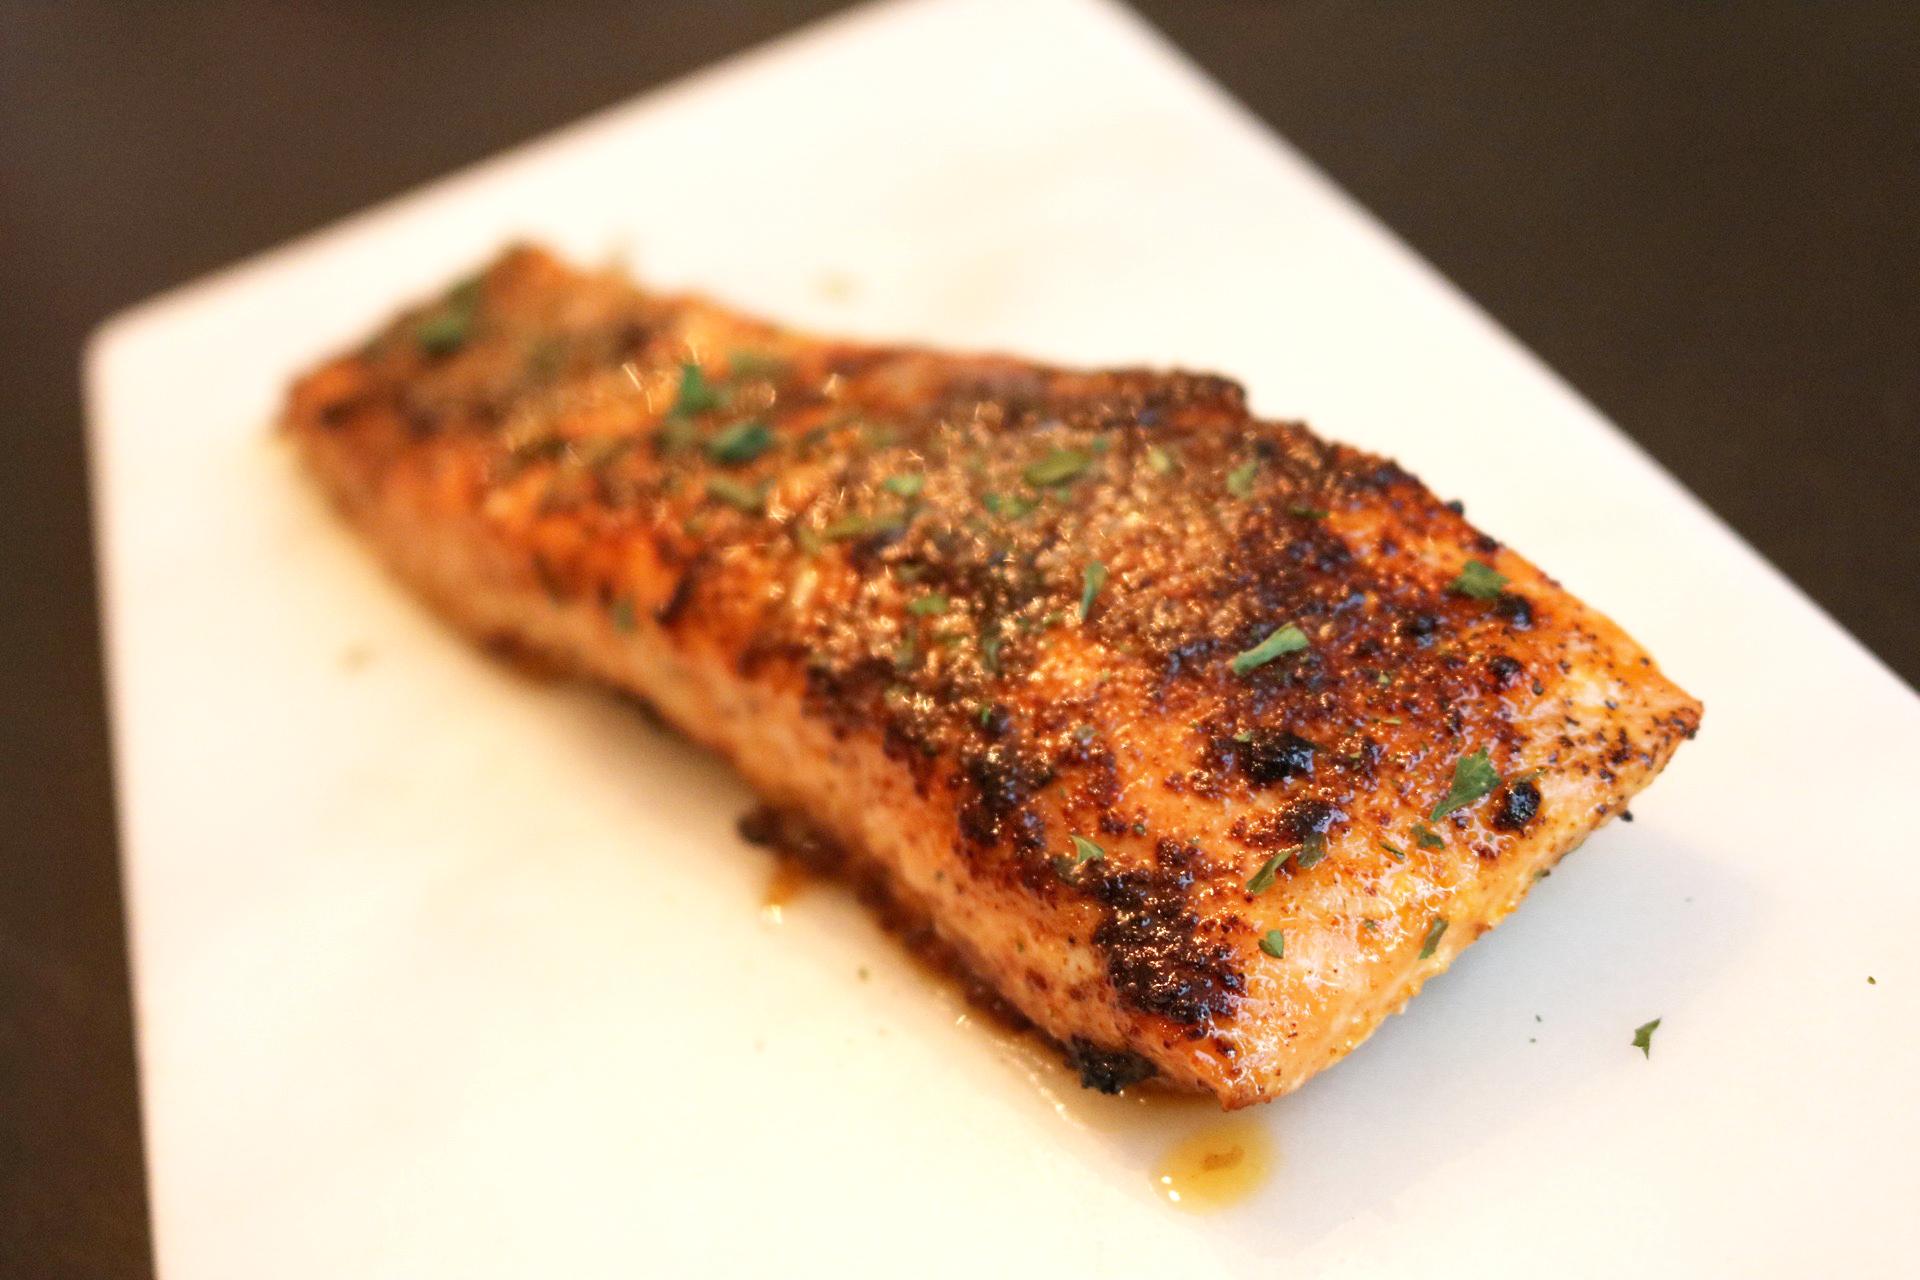 chili-salmon-wide